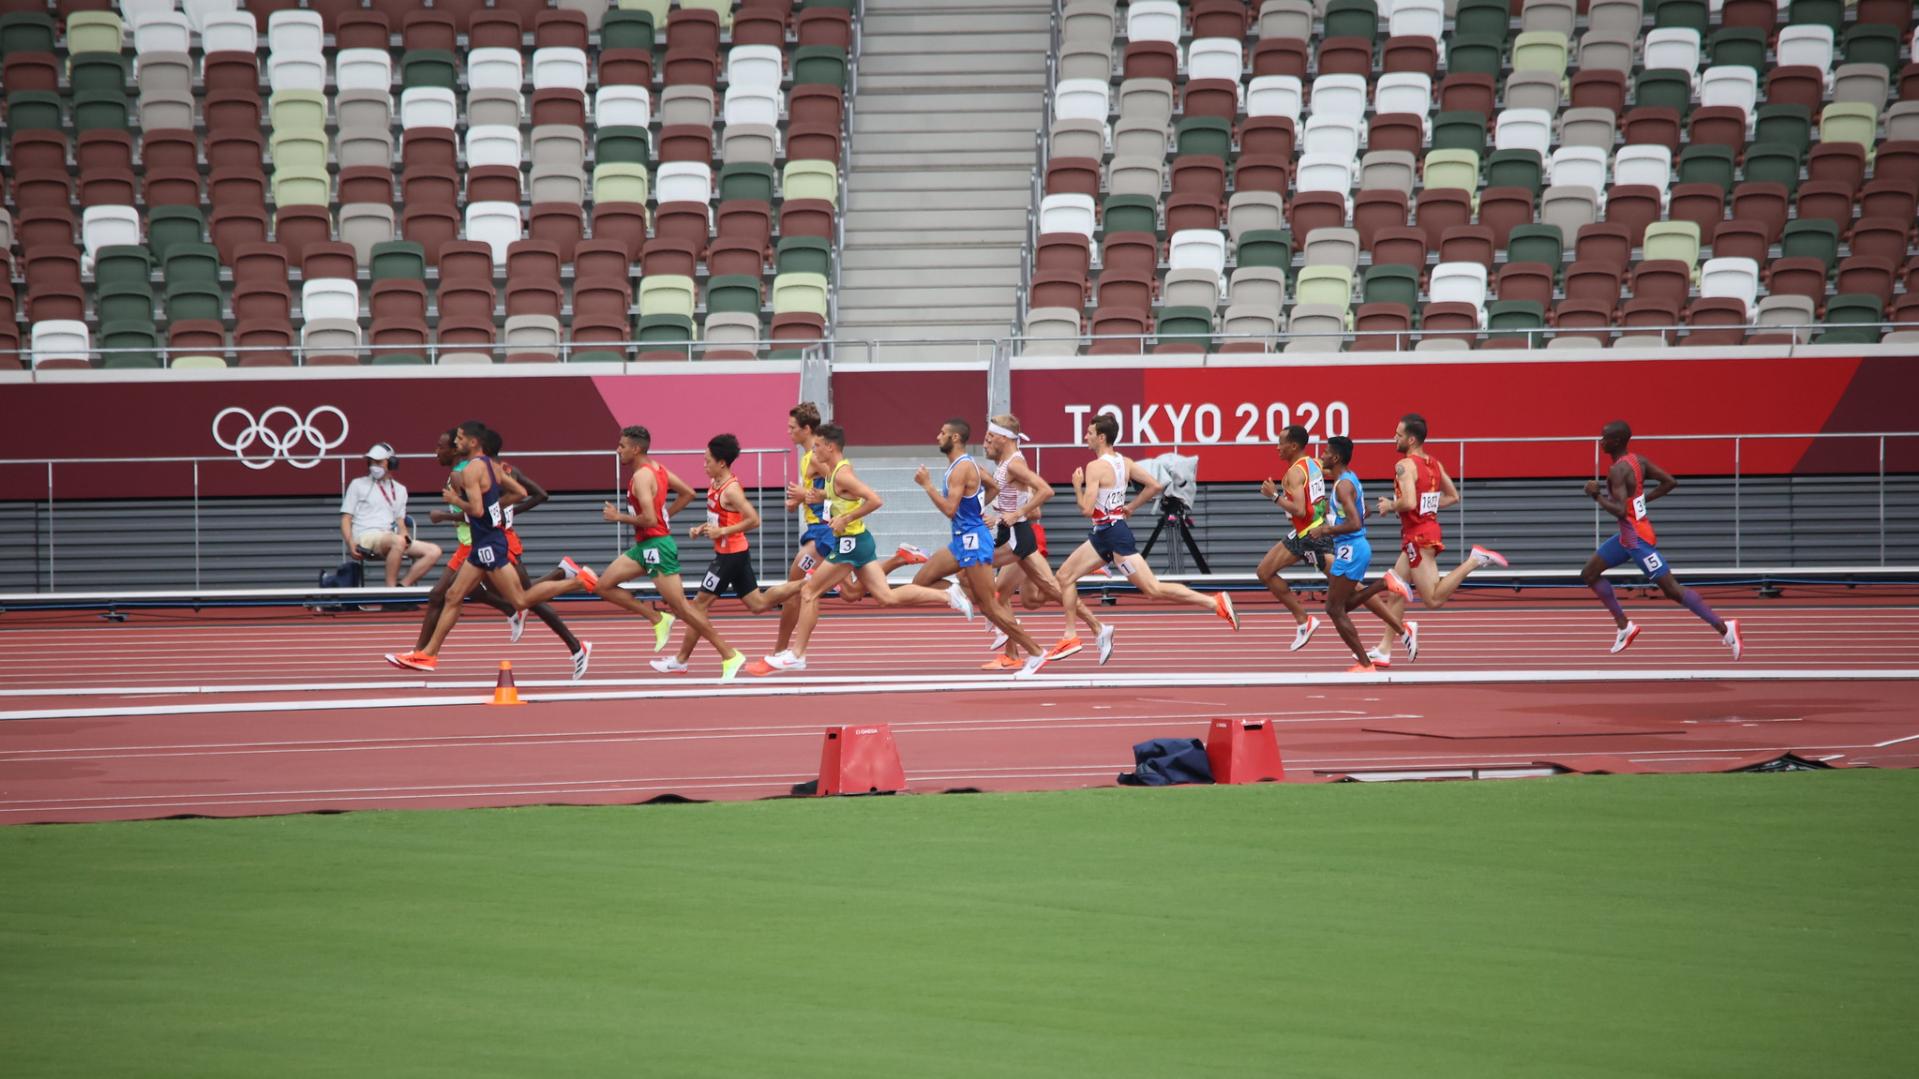 tokio-2020-nemes-pillanatok-az-olimpian